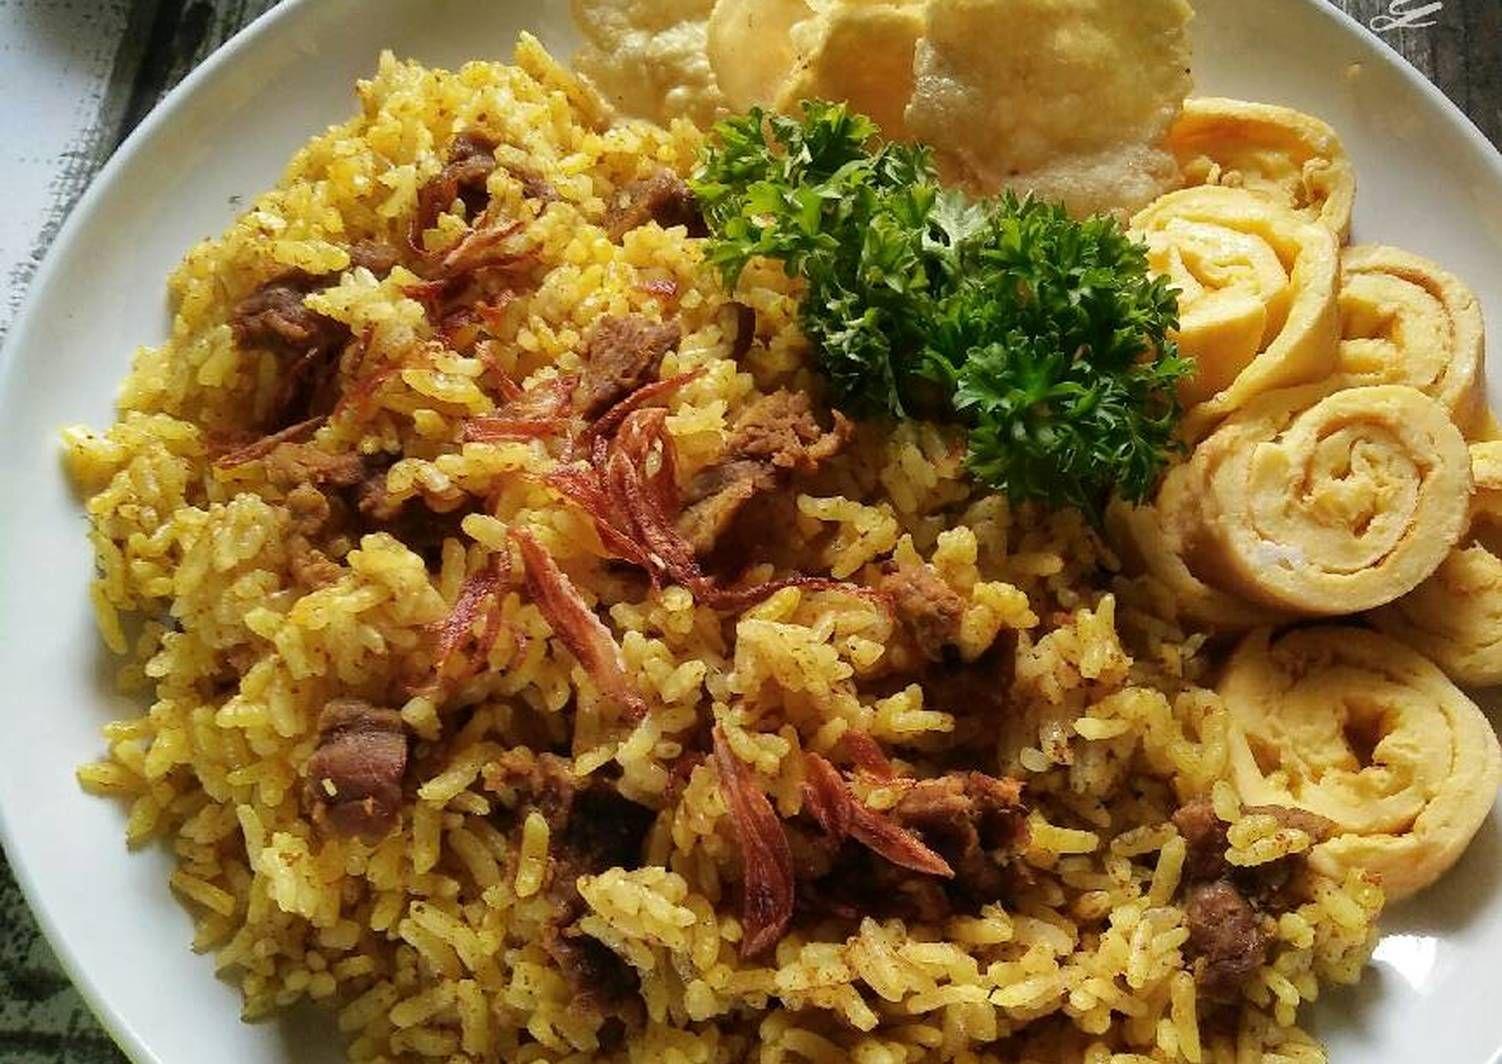 Resep Nasi Kebuli Magicom Kitaberbagi Oleh Dapurvy Resep Memasak Resep Resep Masakan Indonesia